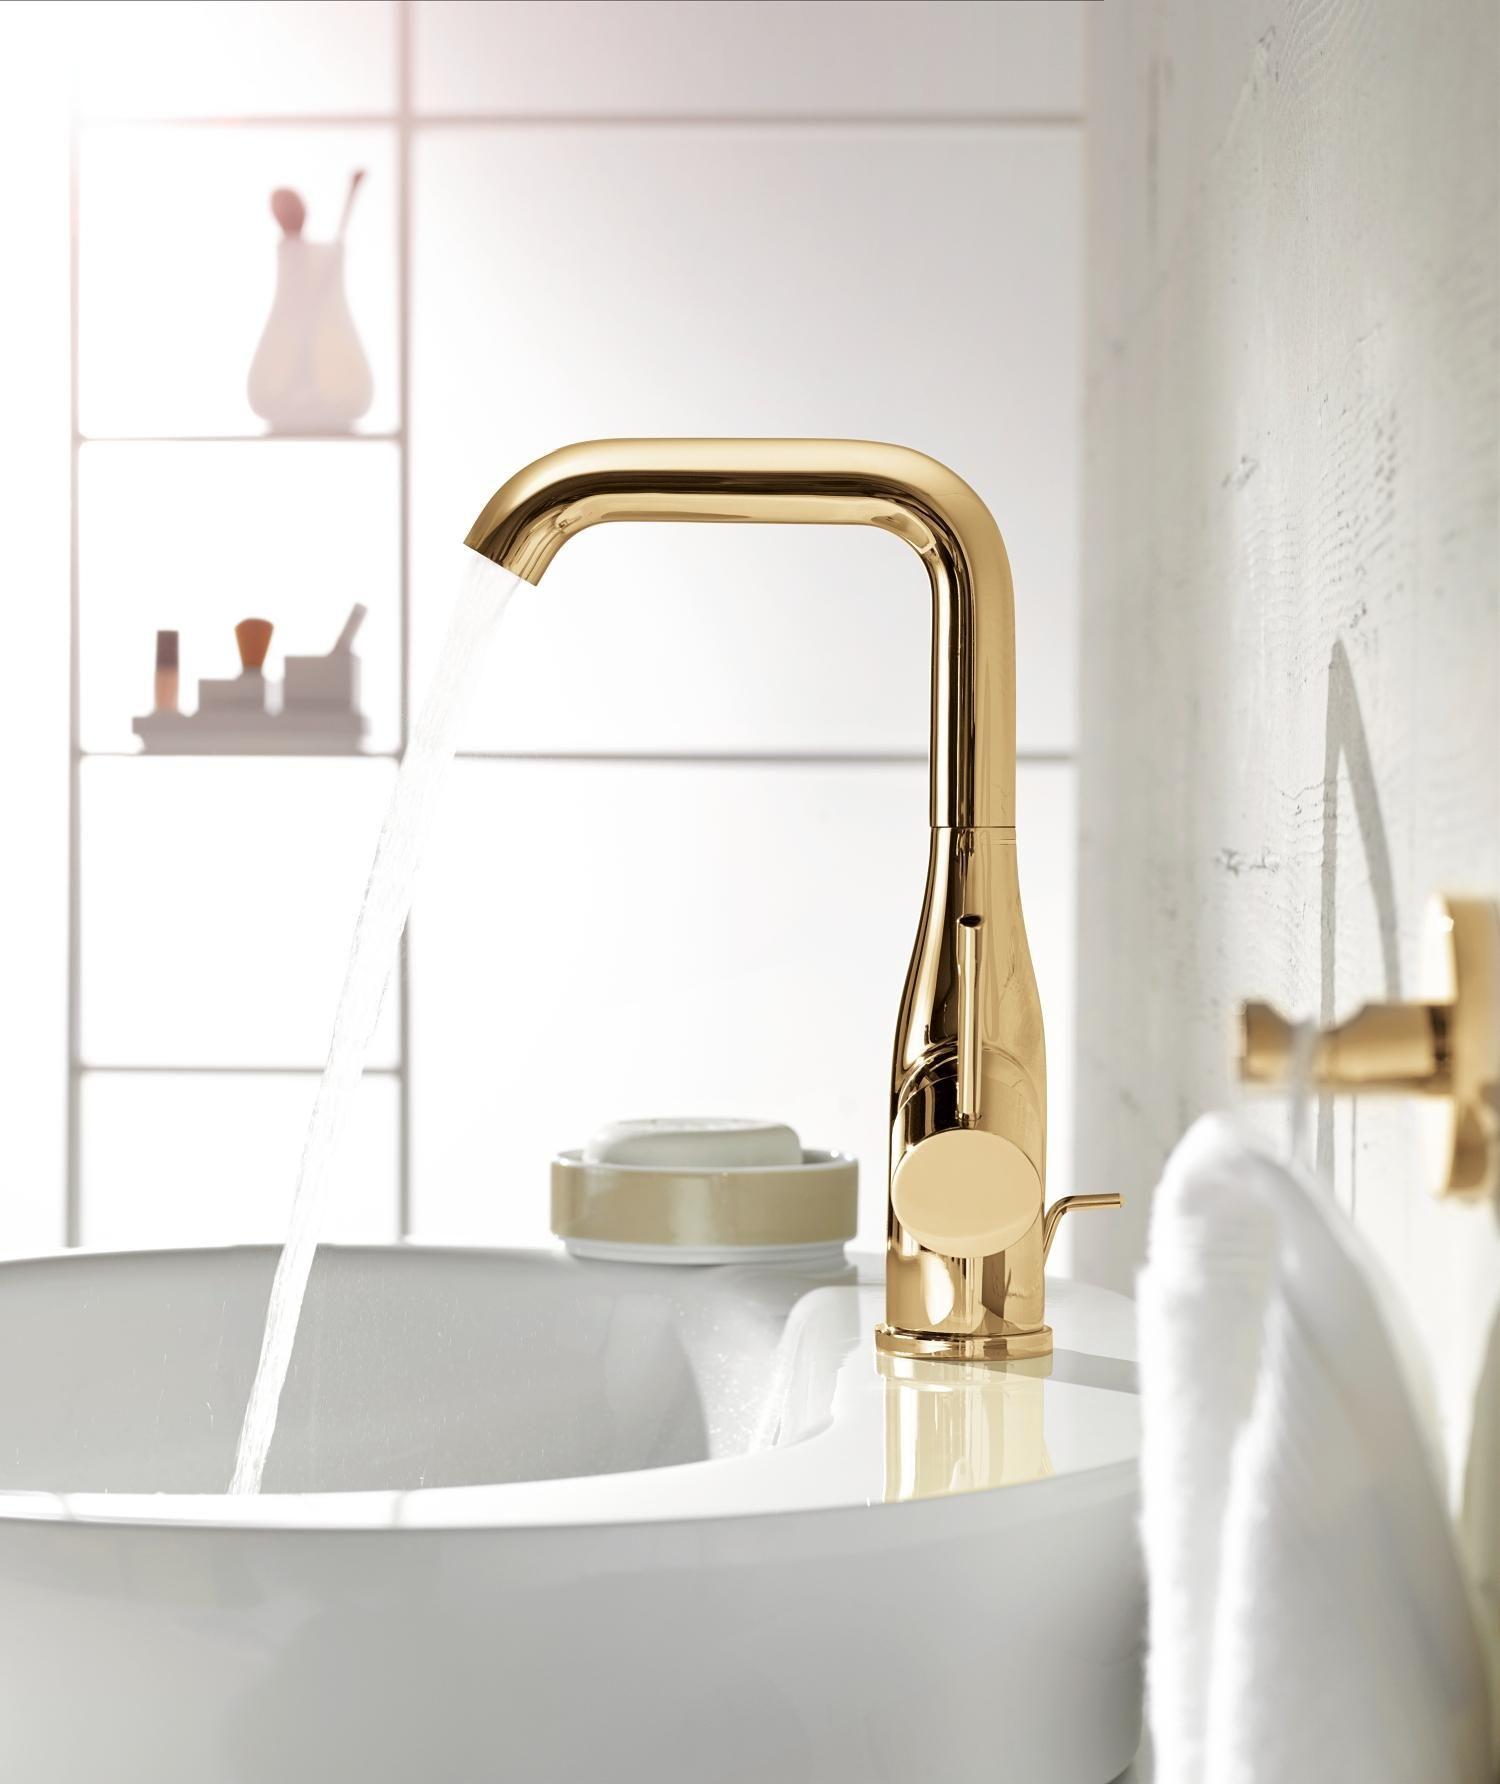 Grohe Essence kraan voor de wastafel voor een klassieke badkamer ...